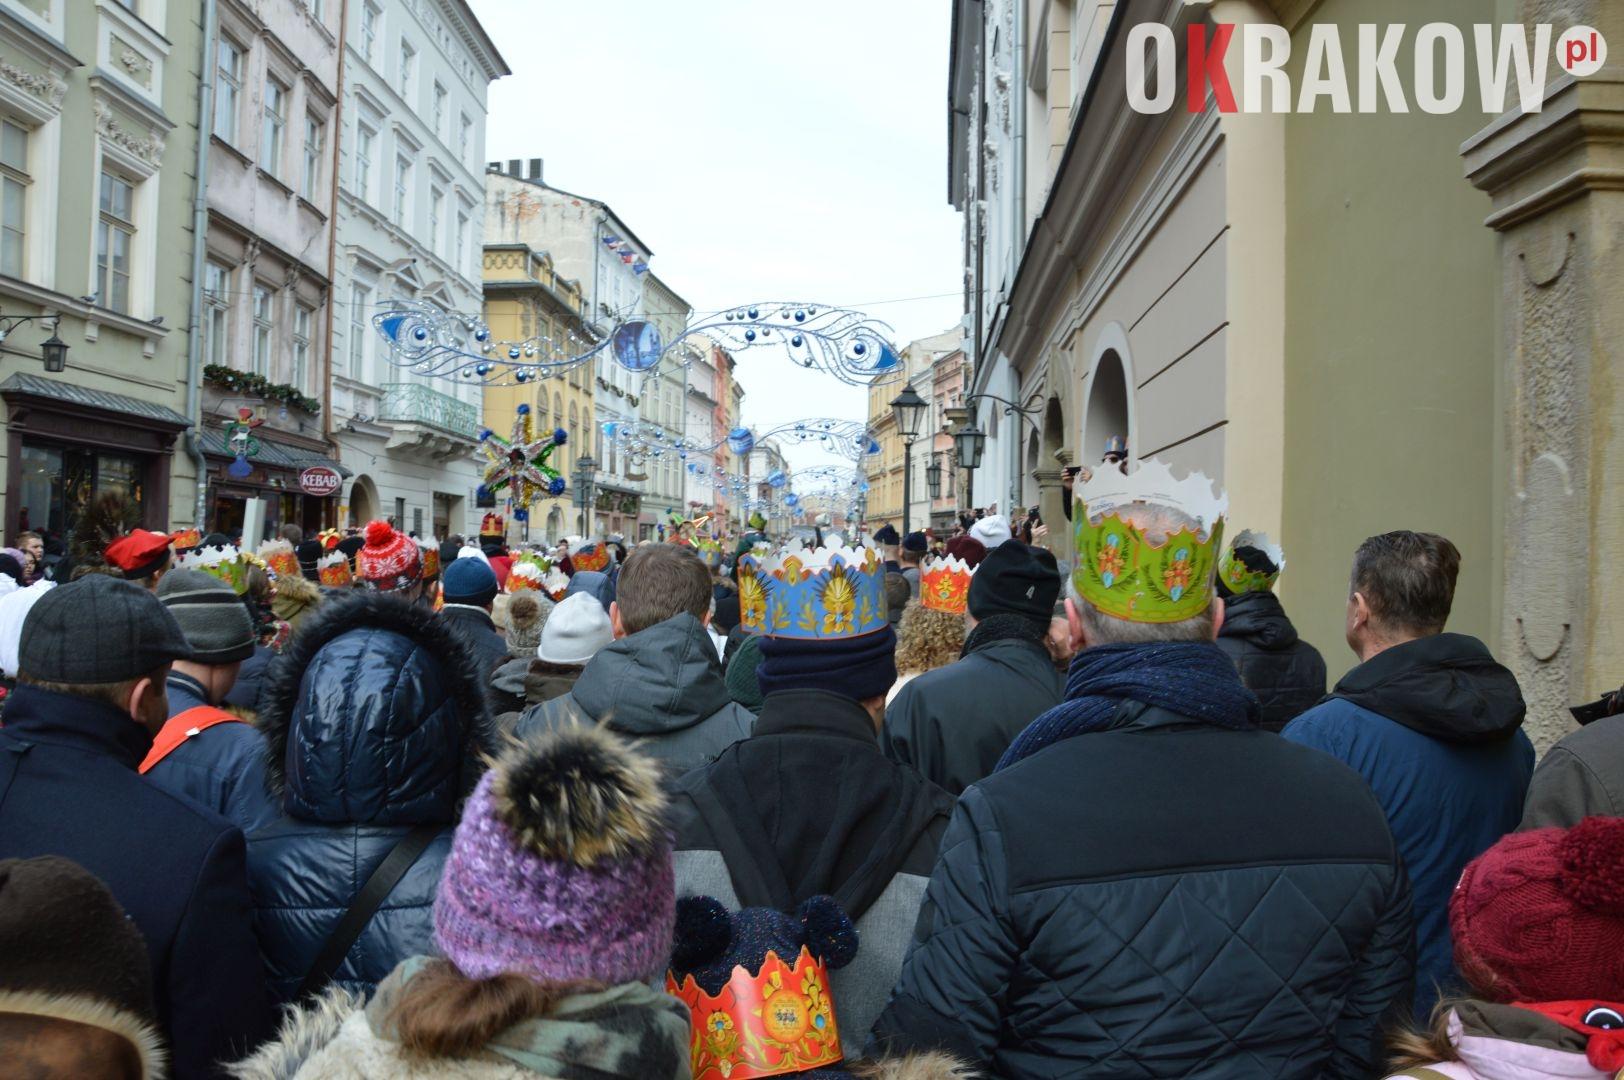 orszak 32 1 150x150 - Orszak Trzech Króli Kraków 2020 Galeria Zdjęć z Orszaku (czerwonego)